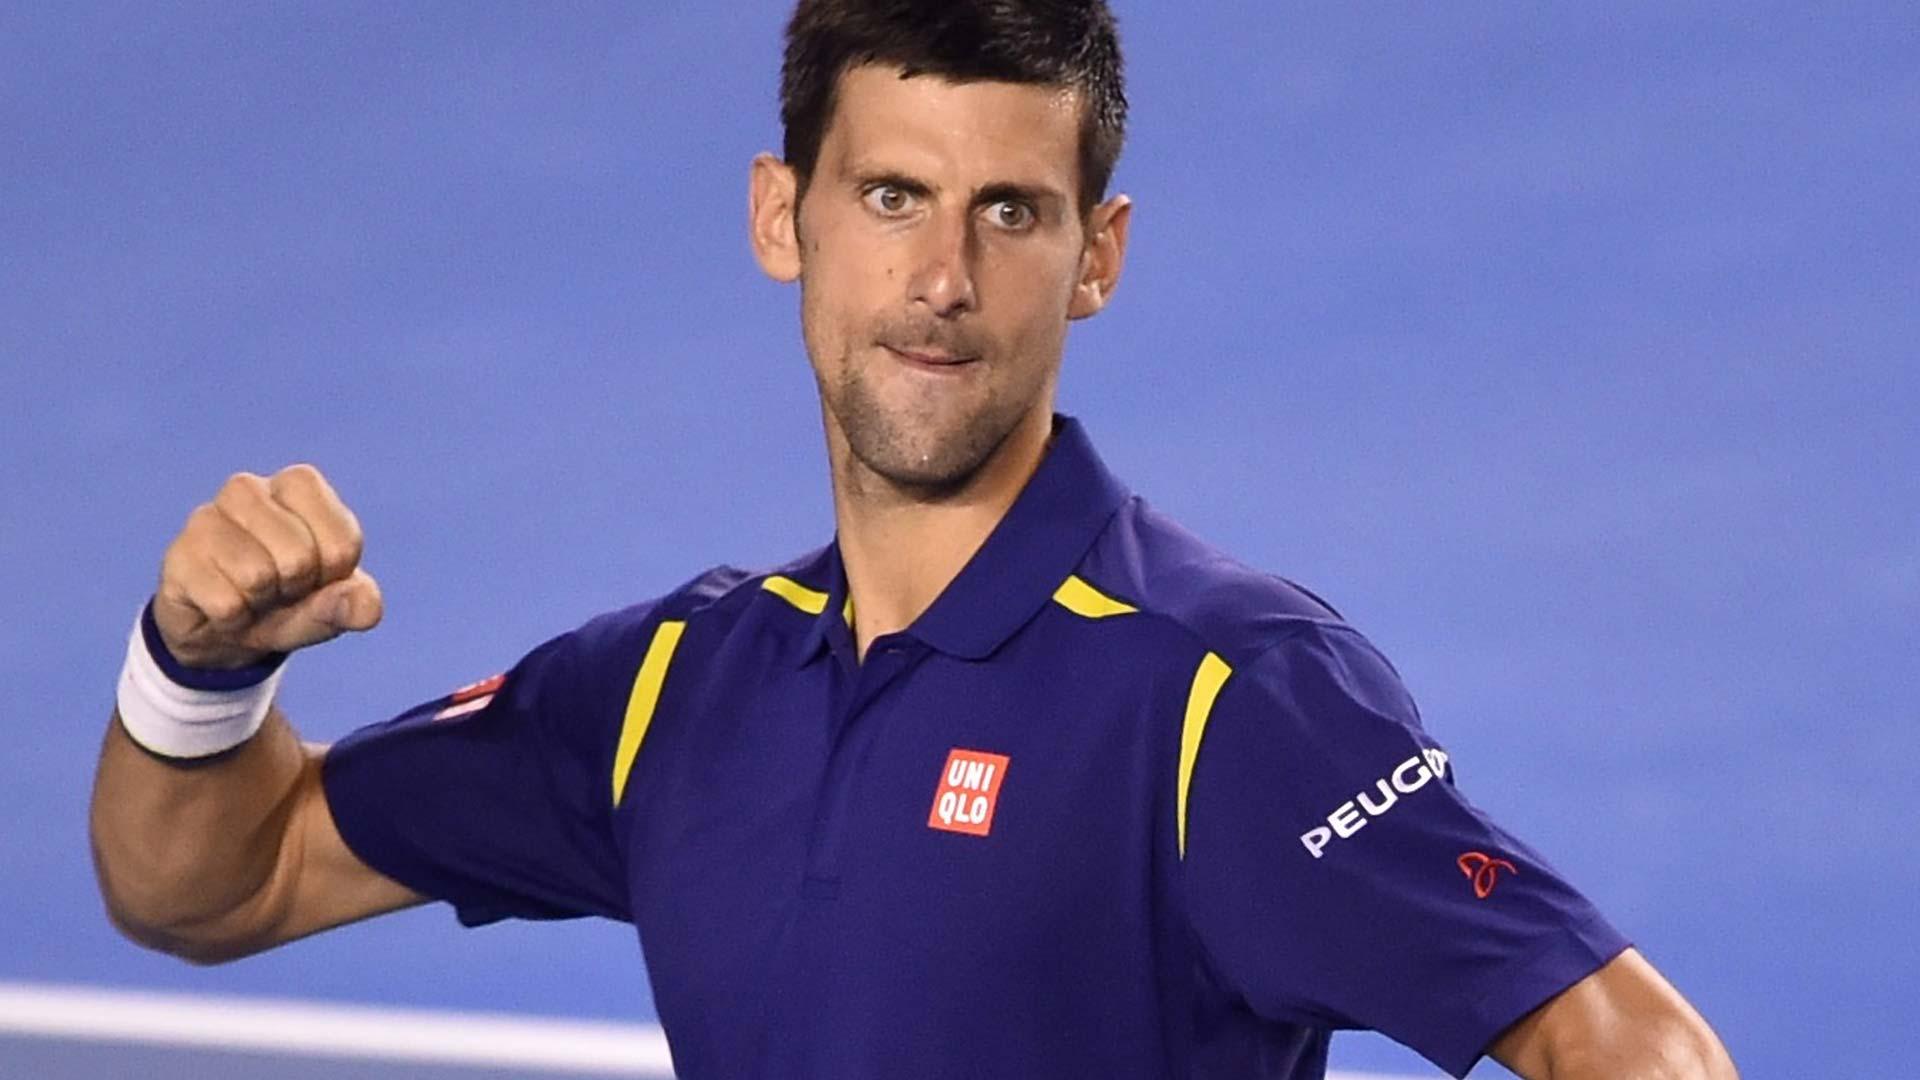 Ponturi Tenis Djokovic vs Berdych – Miami (SUA)